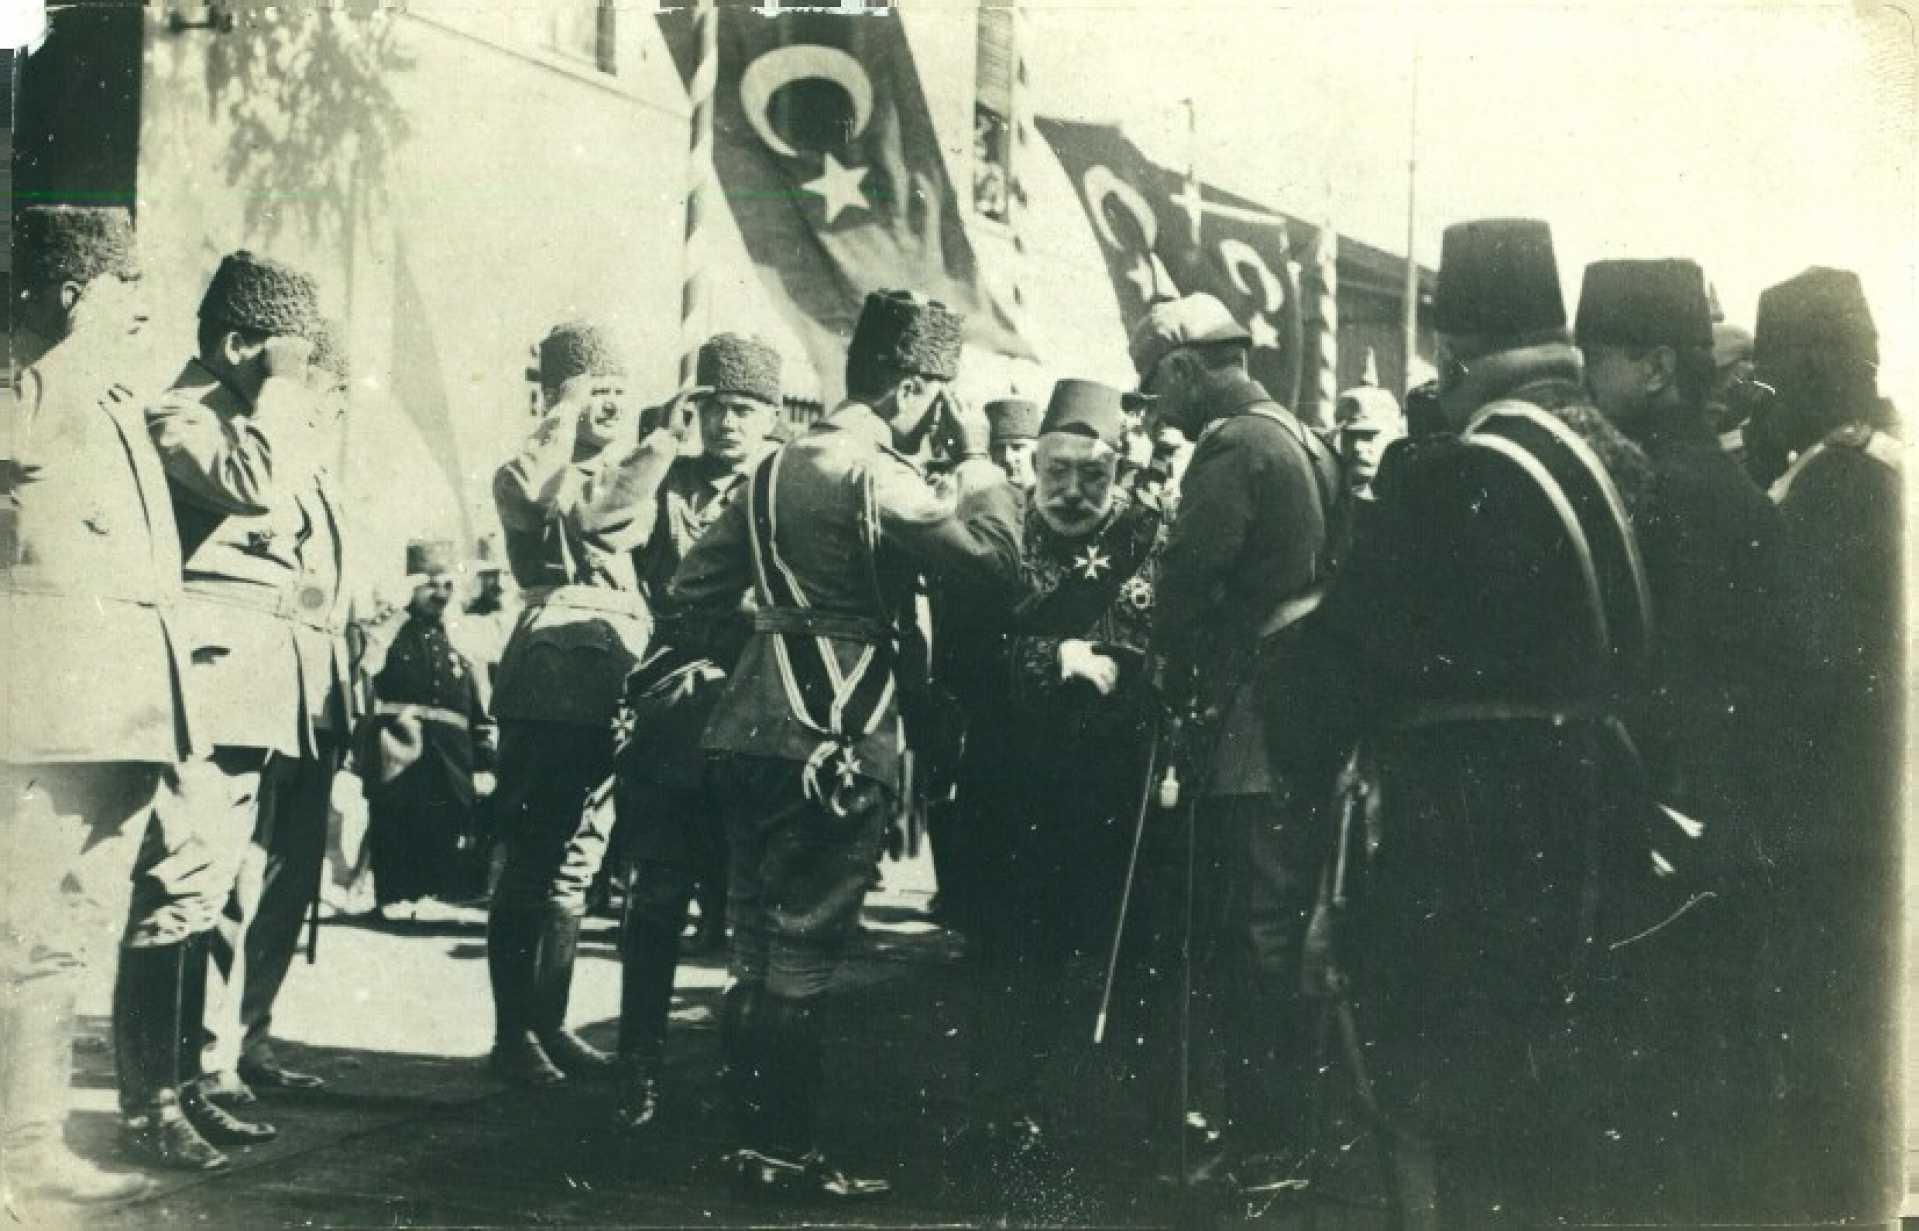 Meeting Sultan